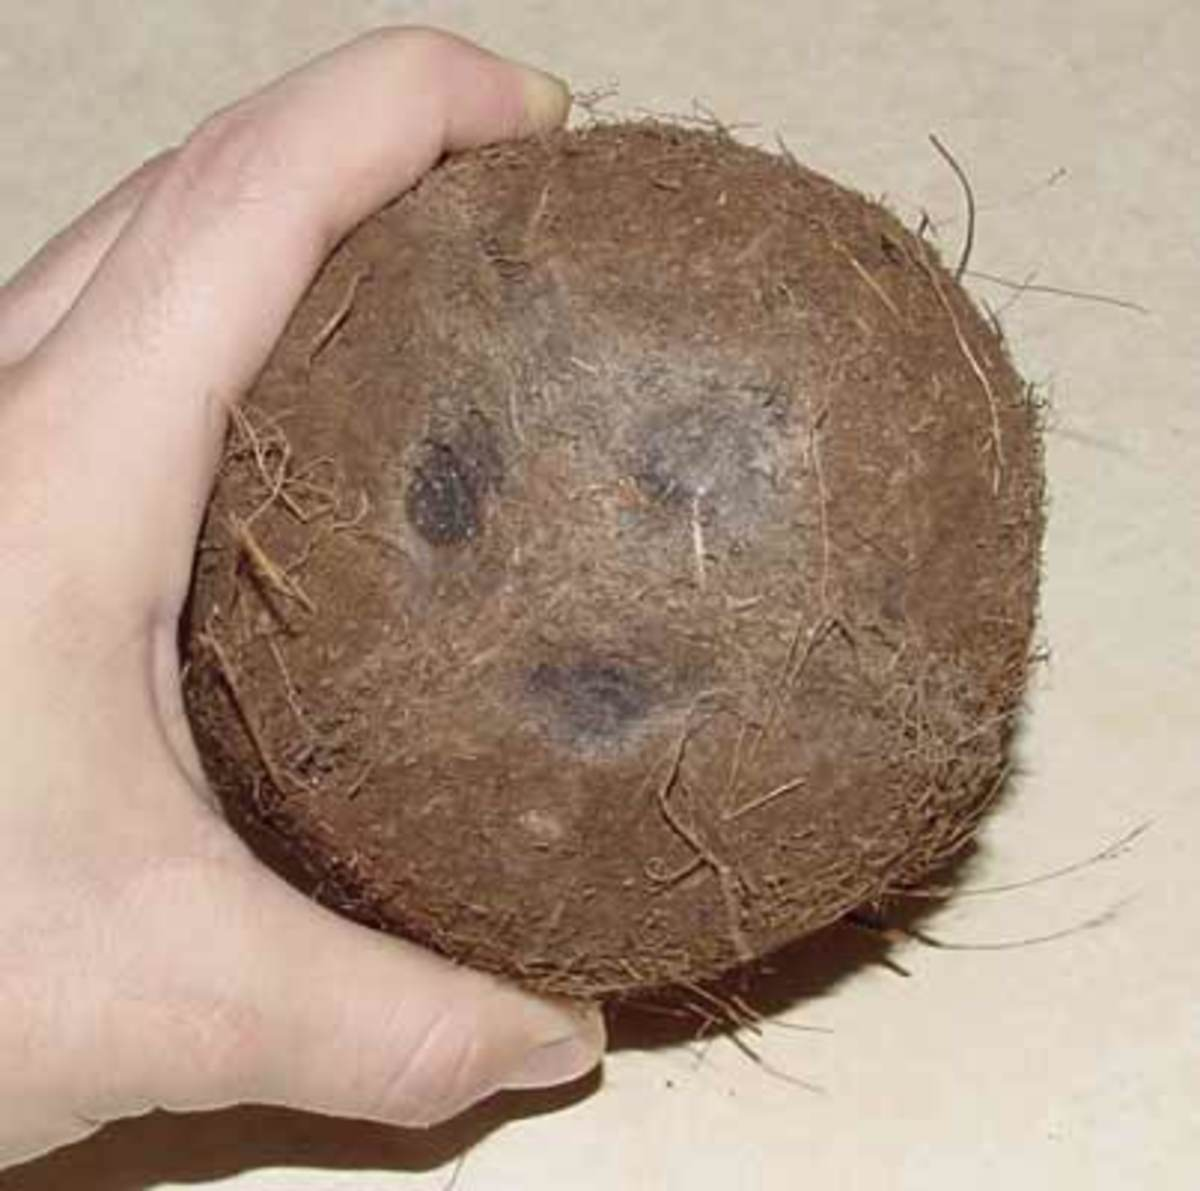 Coco- nut